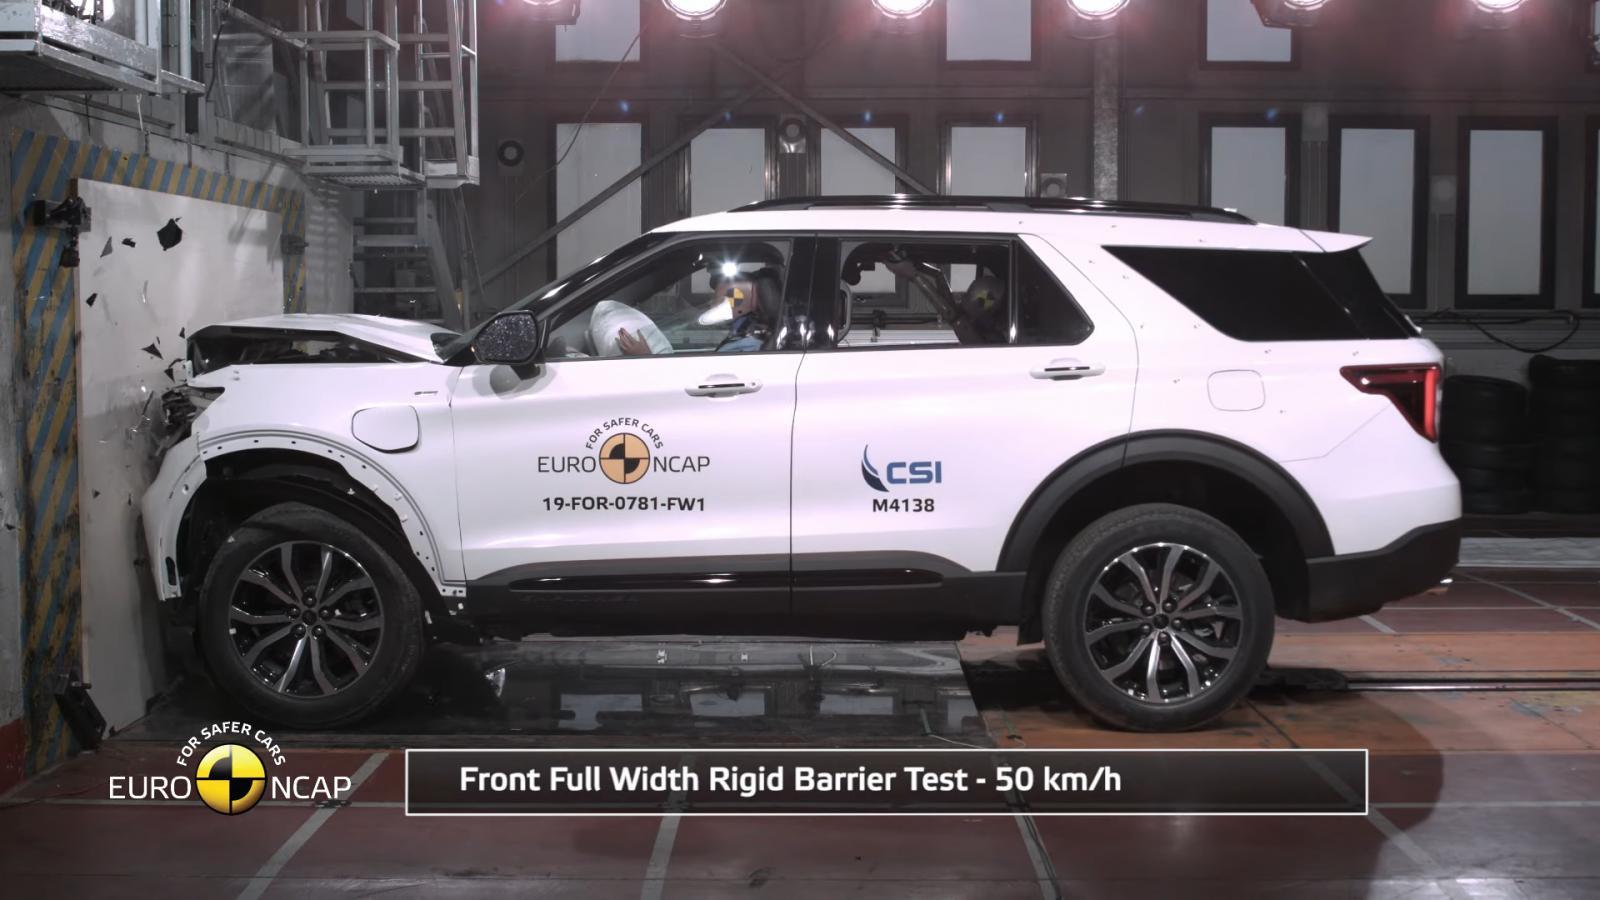 La Ford Explorer Plug-In Hybrid superó de buena forma las pruebas del programa de seguridad europeo